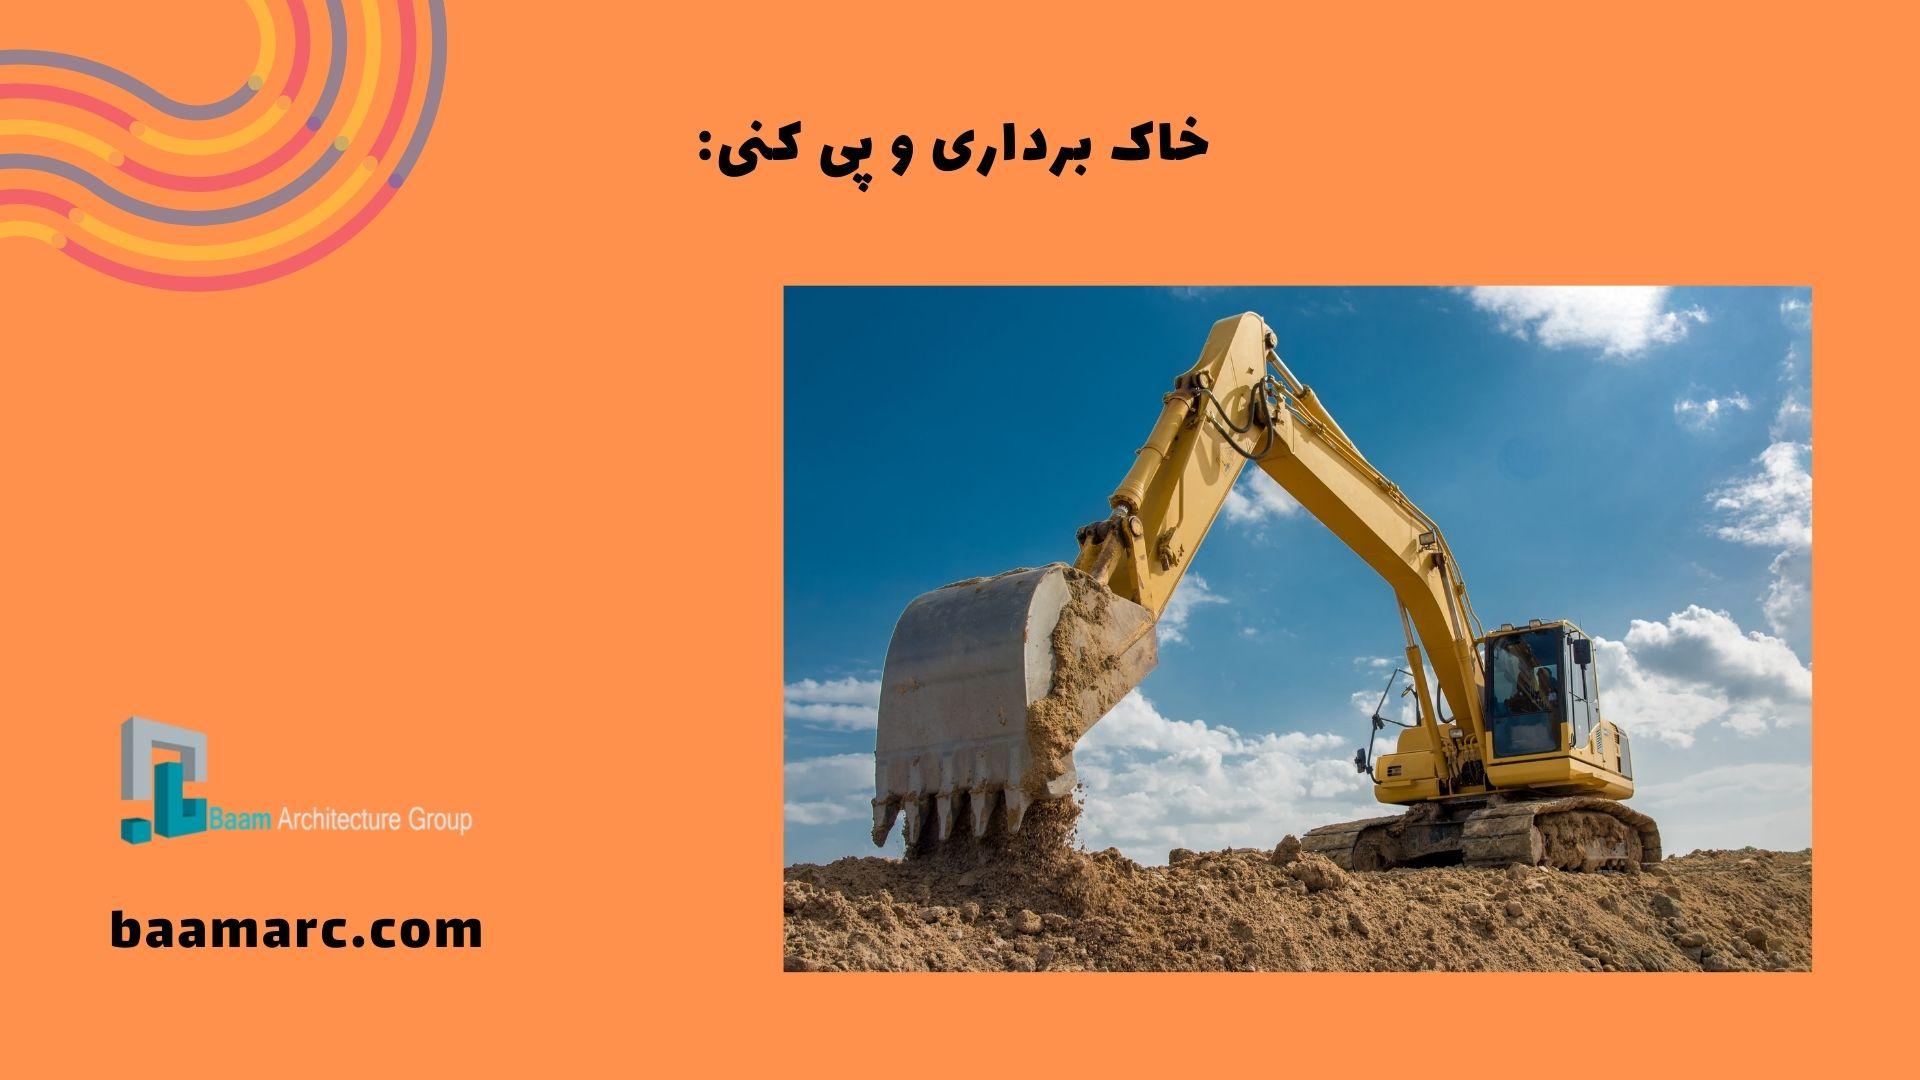 خاک برداری و پی کنی: